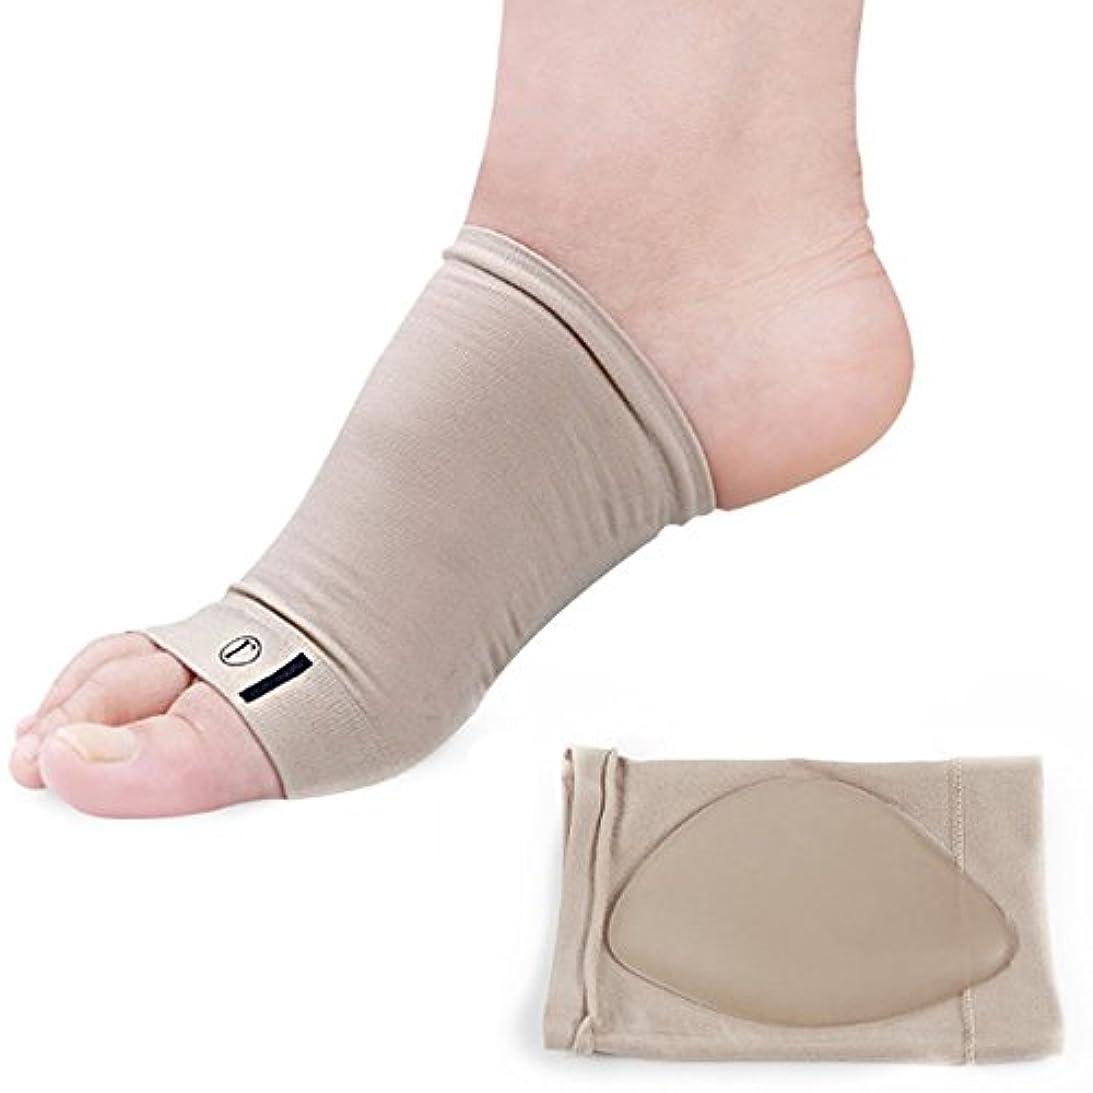 ミキサースキップ可能山の奥 足底筋膜炎 アーチサポーター 専用 シリコン インソール 衝撃吸収 足裏 足底の痛みを解消 左右セット 解消足裏パッド